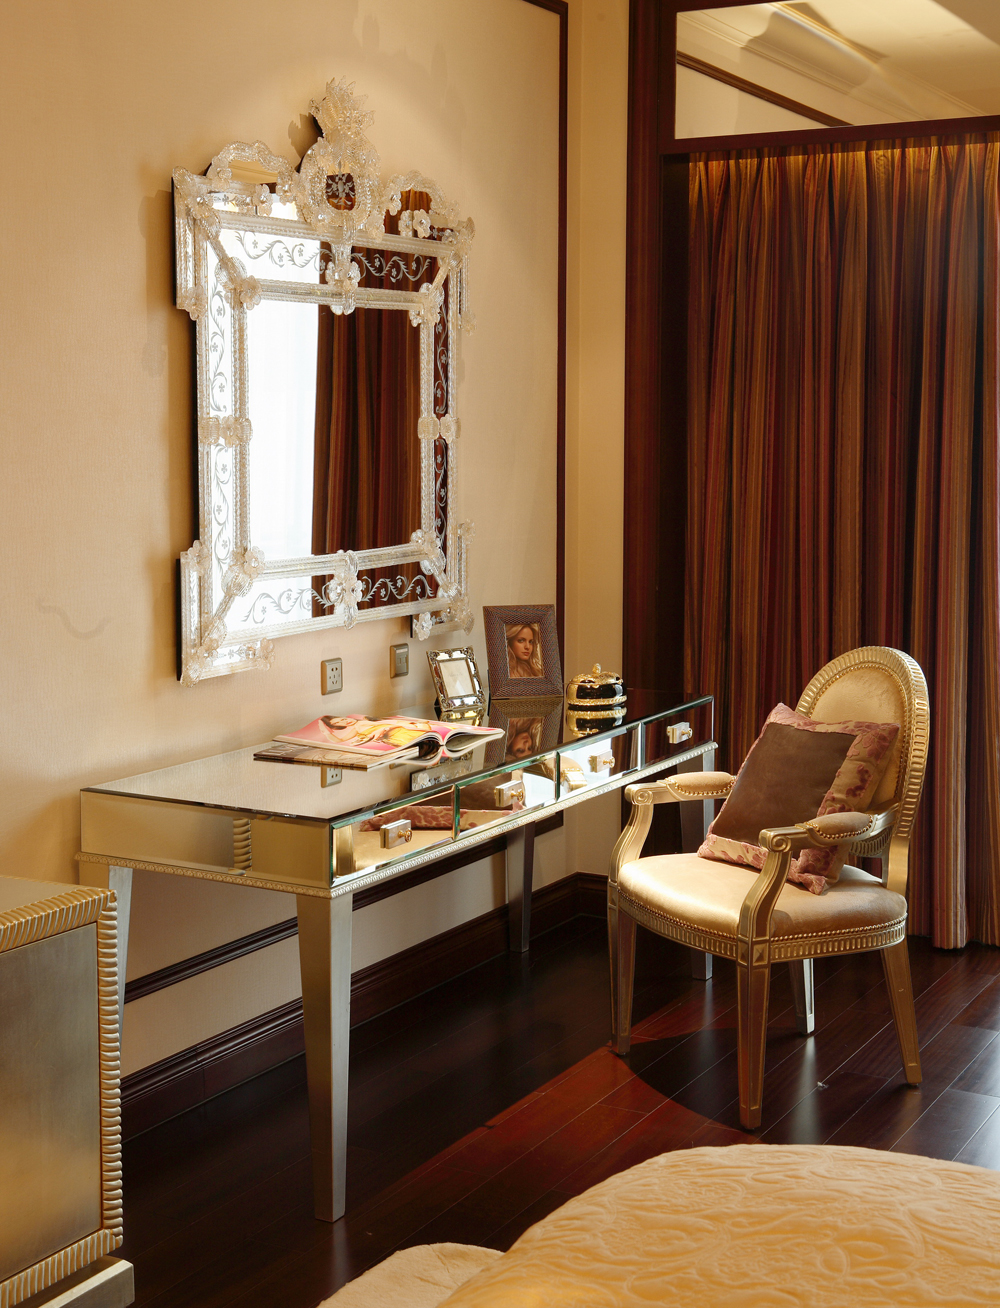 豪华古典欧式风格装修梳妆台设计图